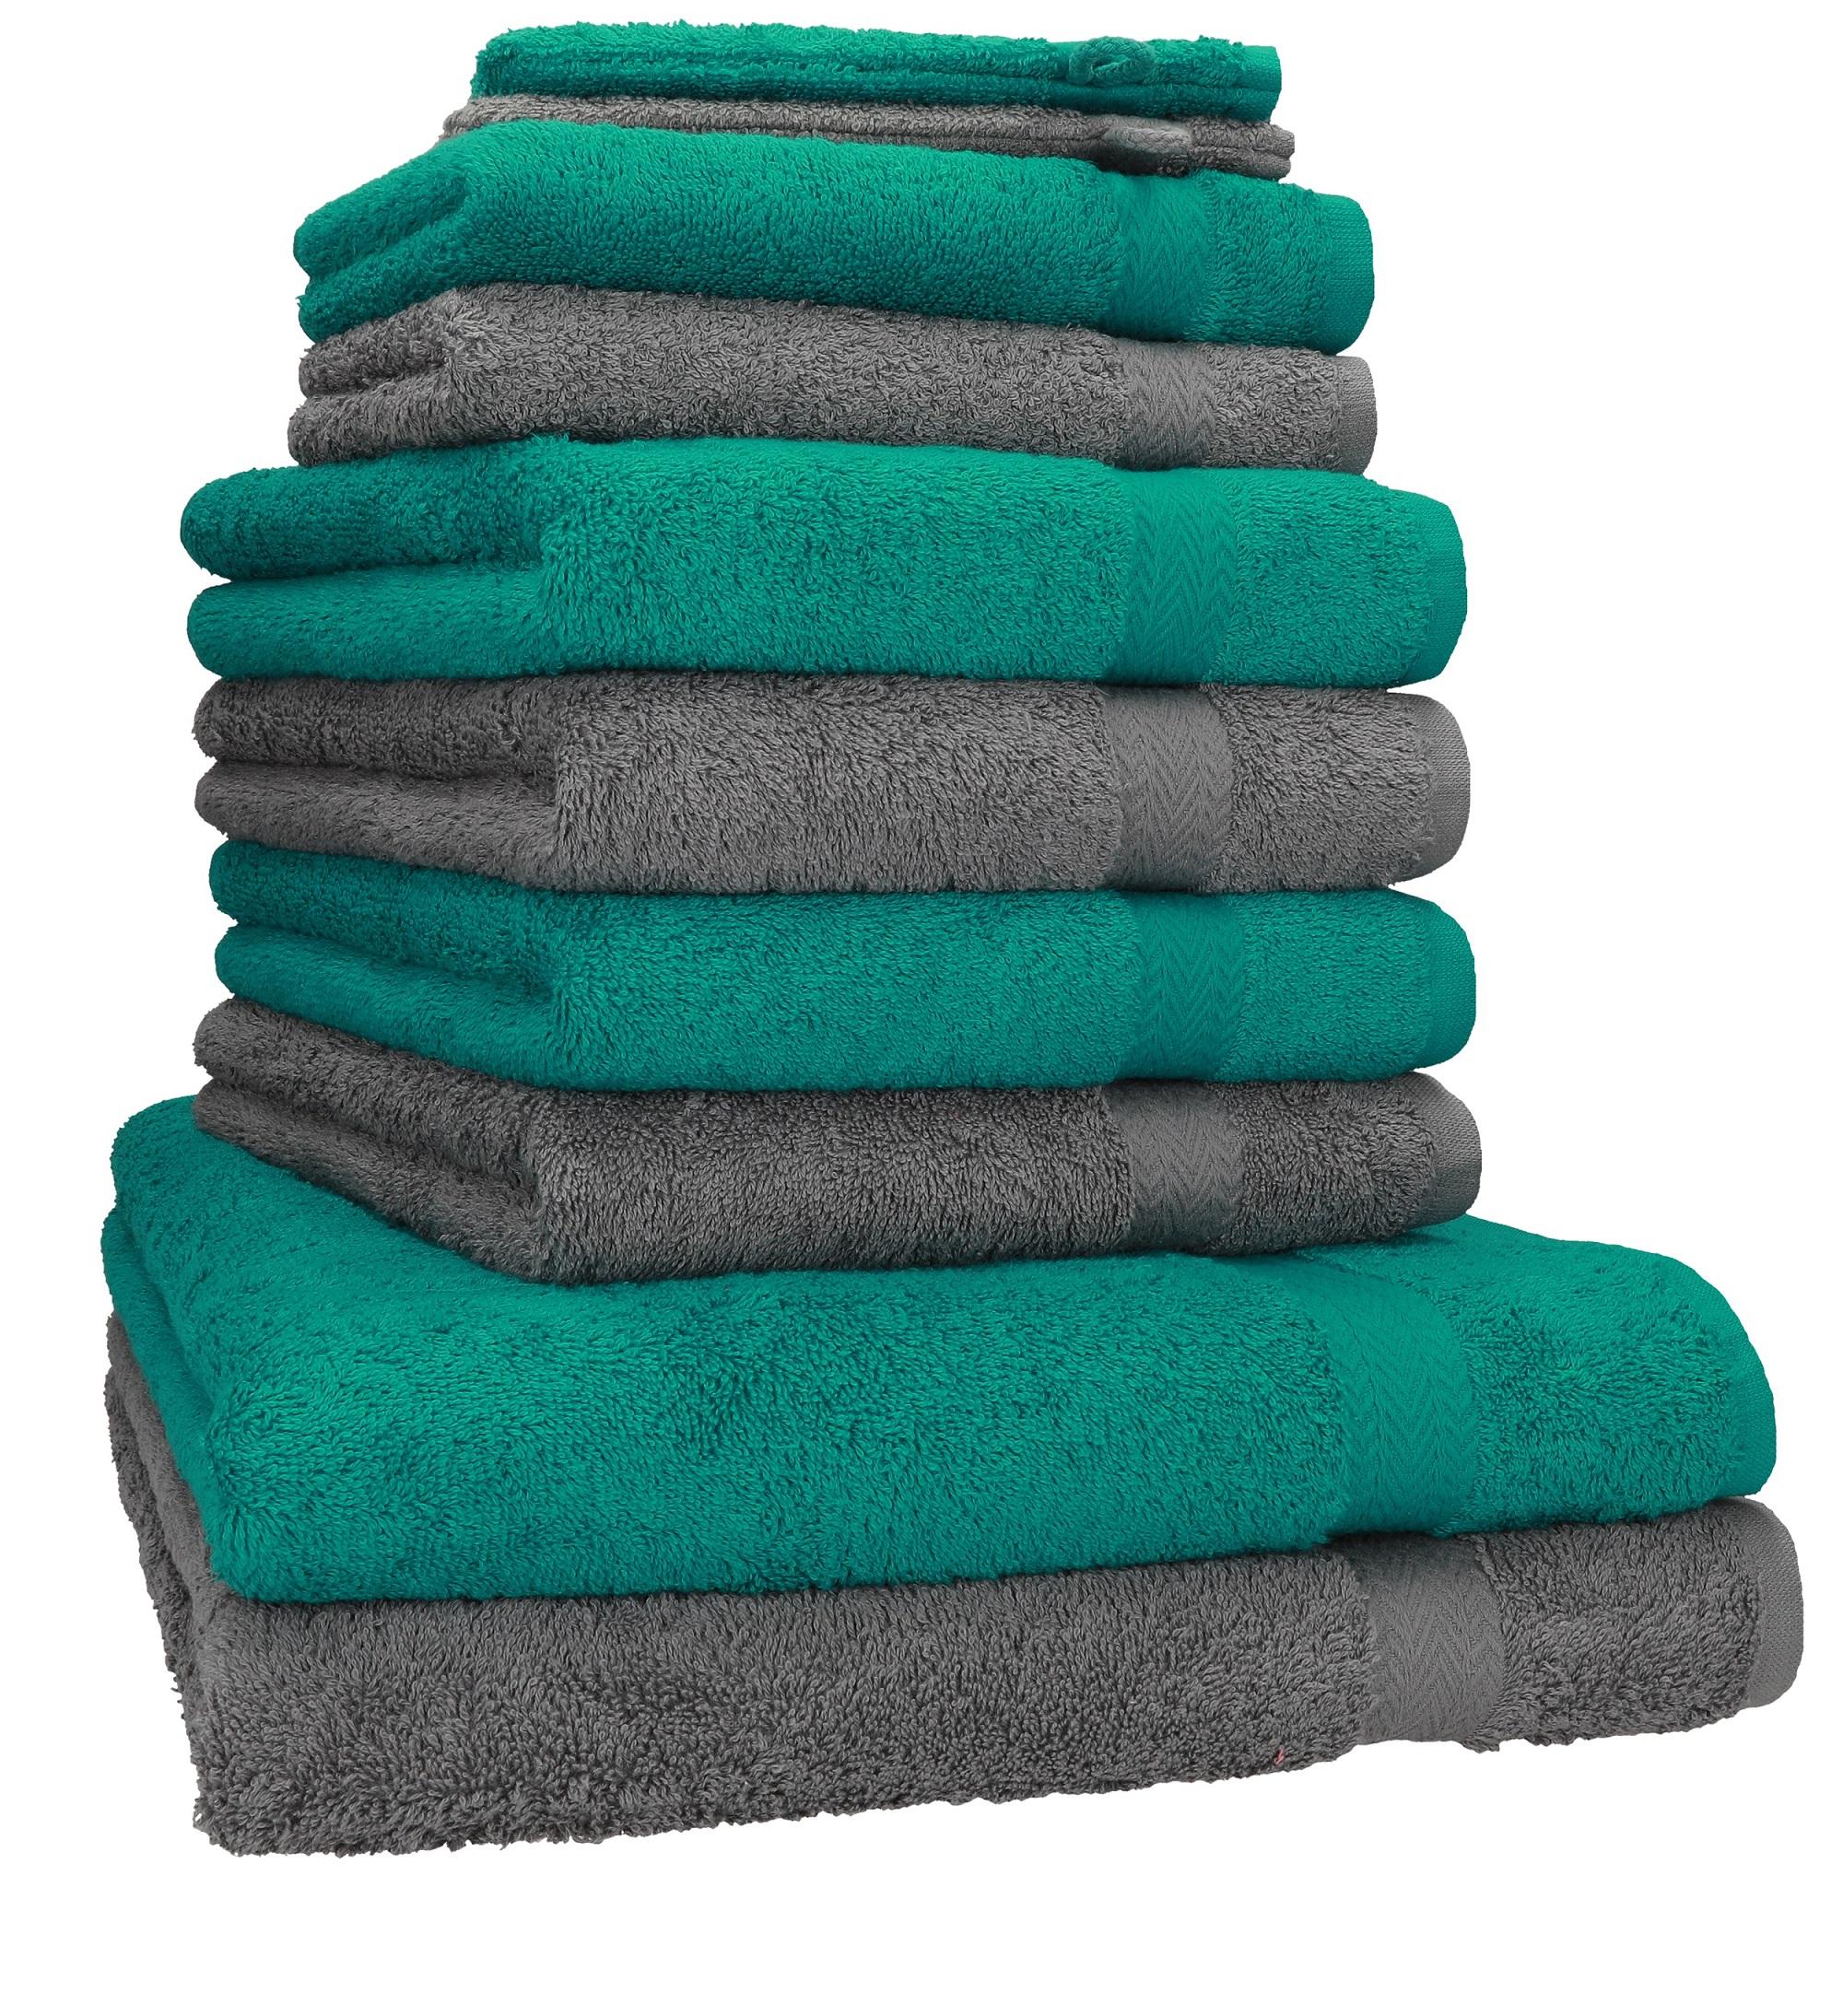 Betz 10-Piece Towel Set Premium 100/% Cotton 2 Bath Towels 4 Hand Towels 2 G